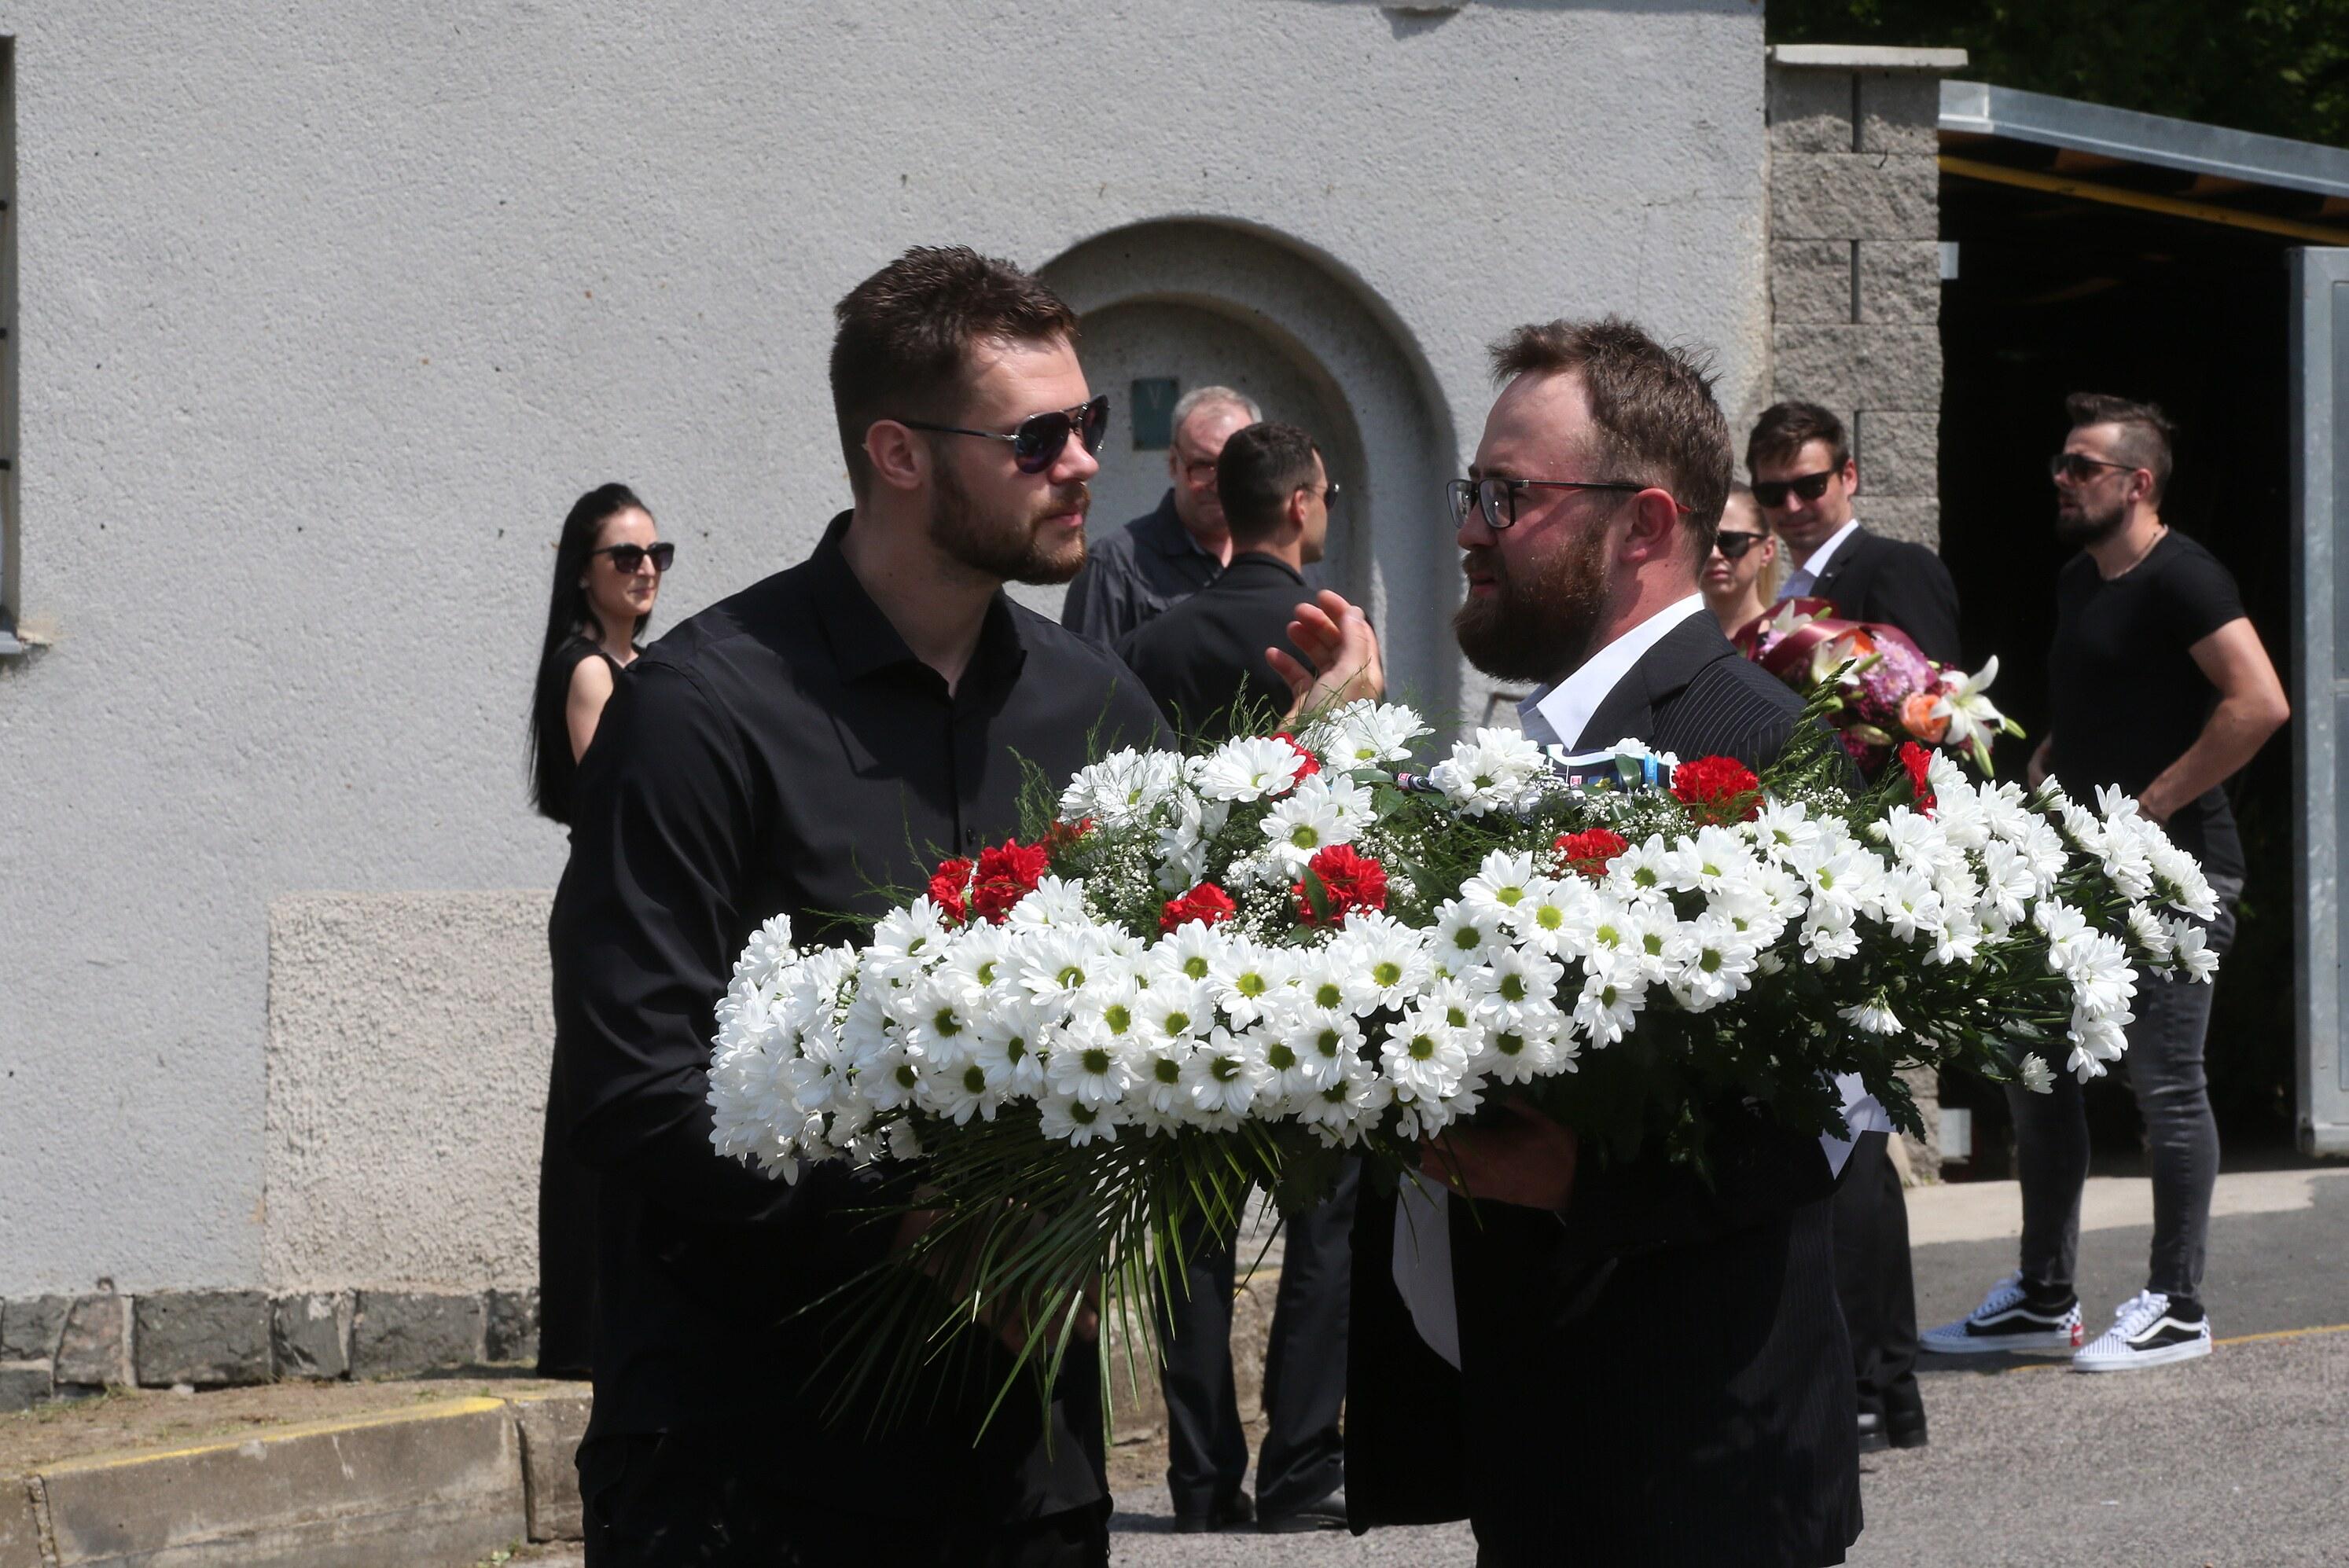 Pohřeb Marka Trončinského